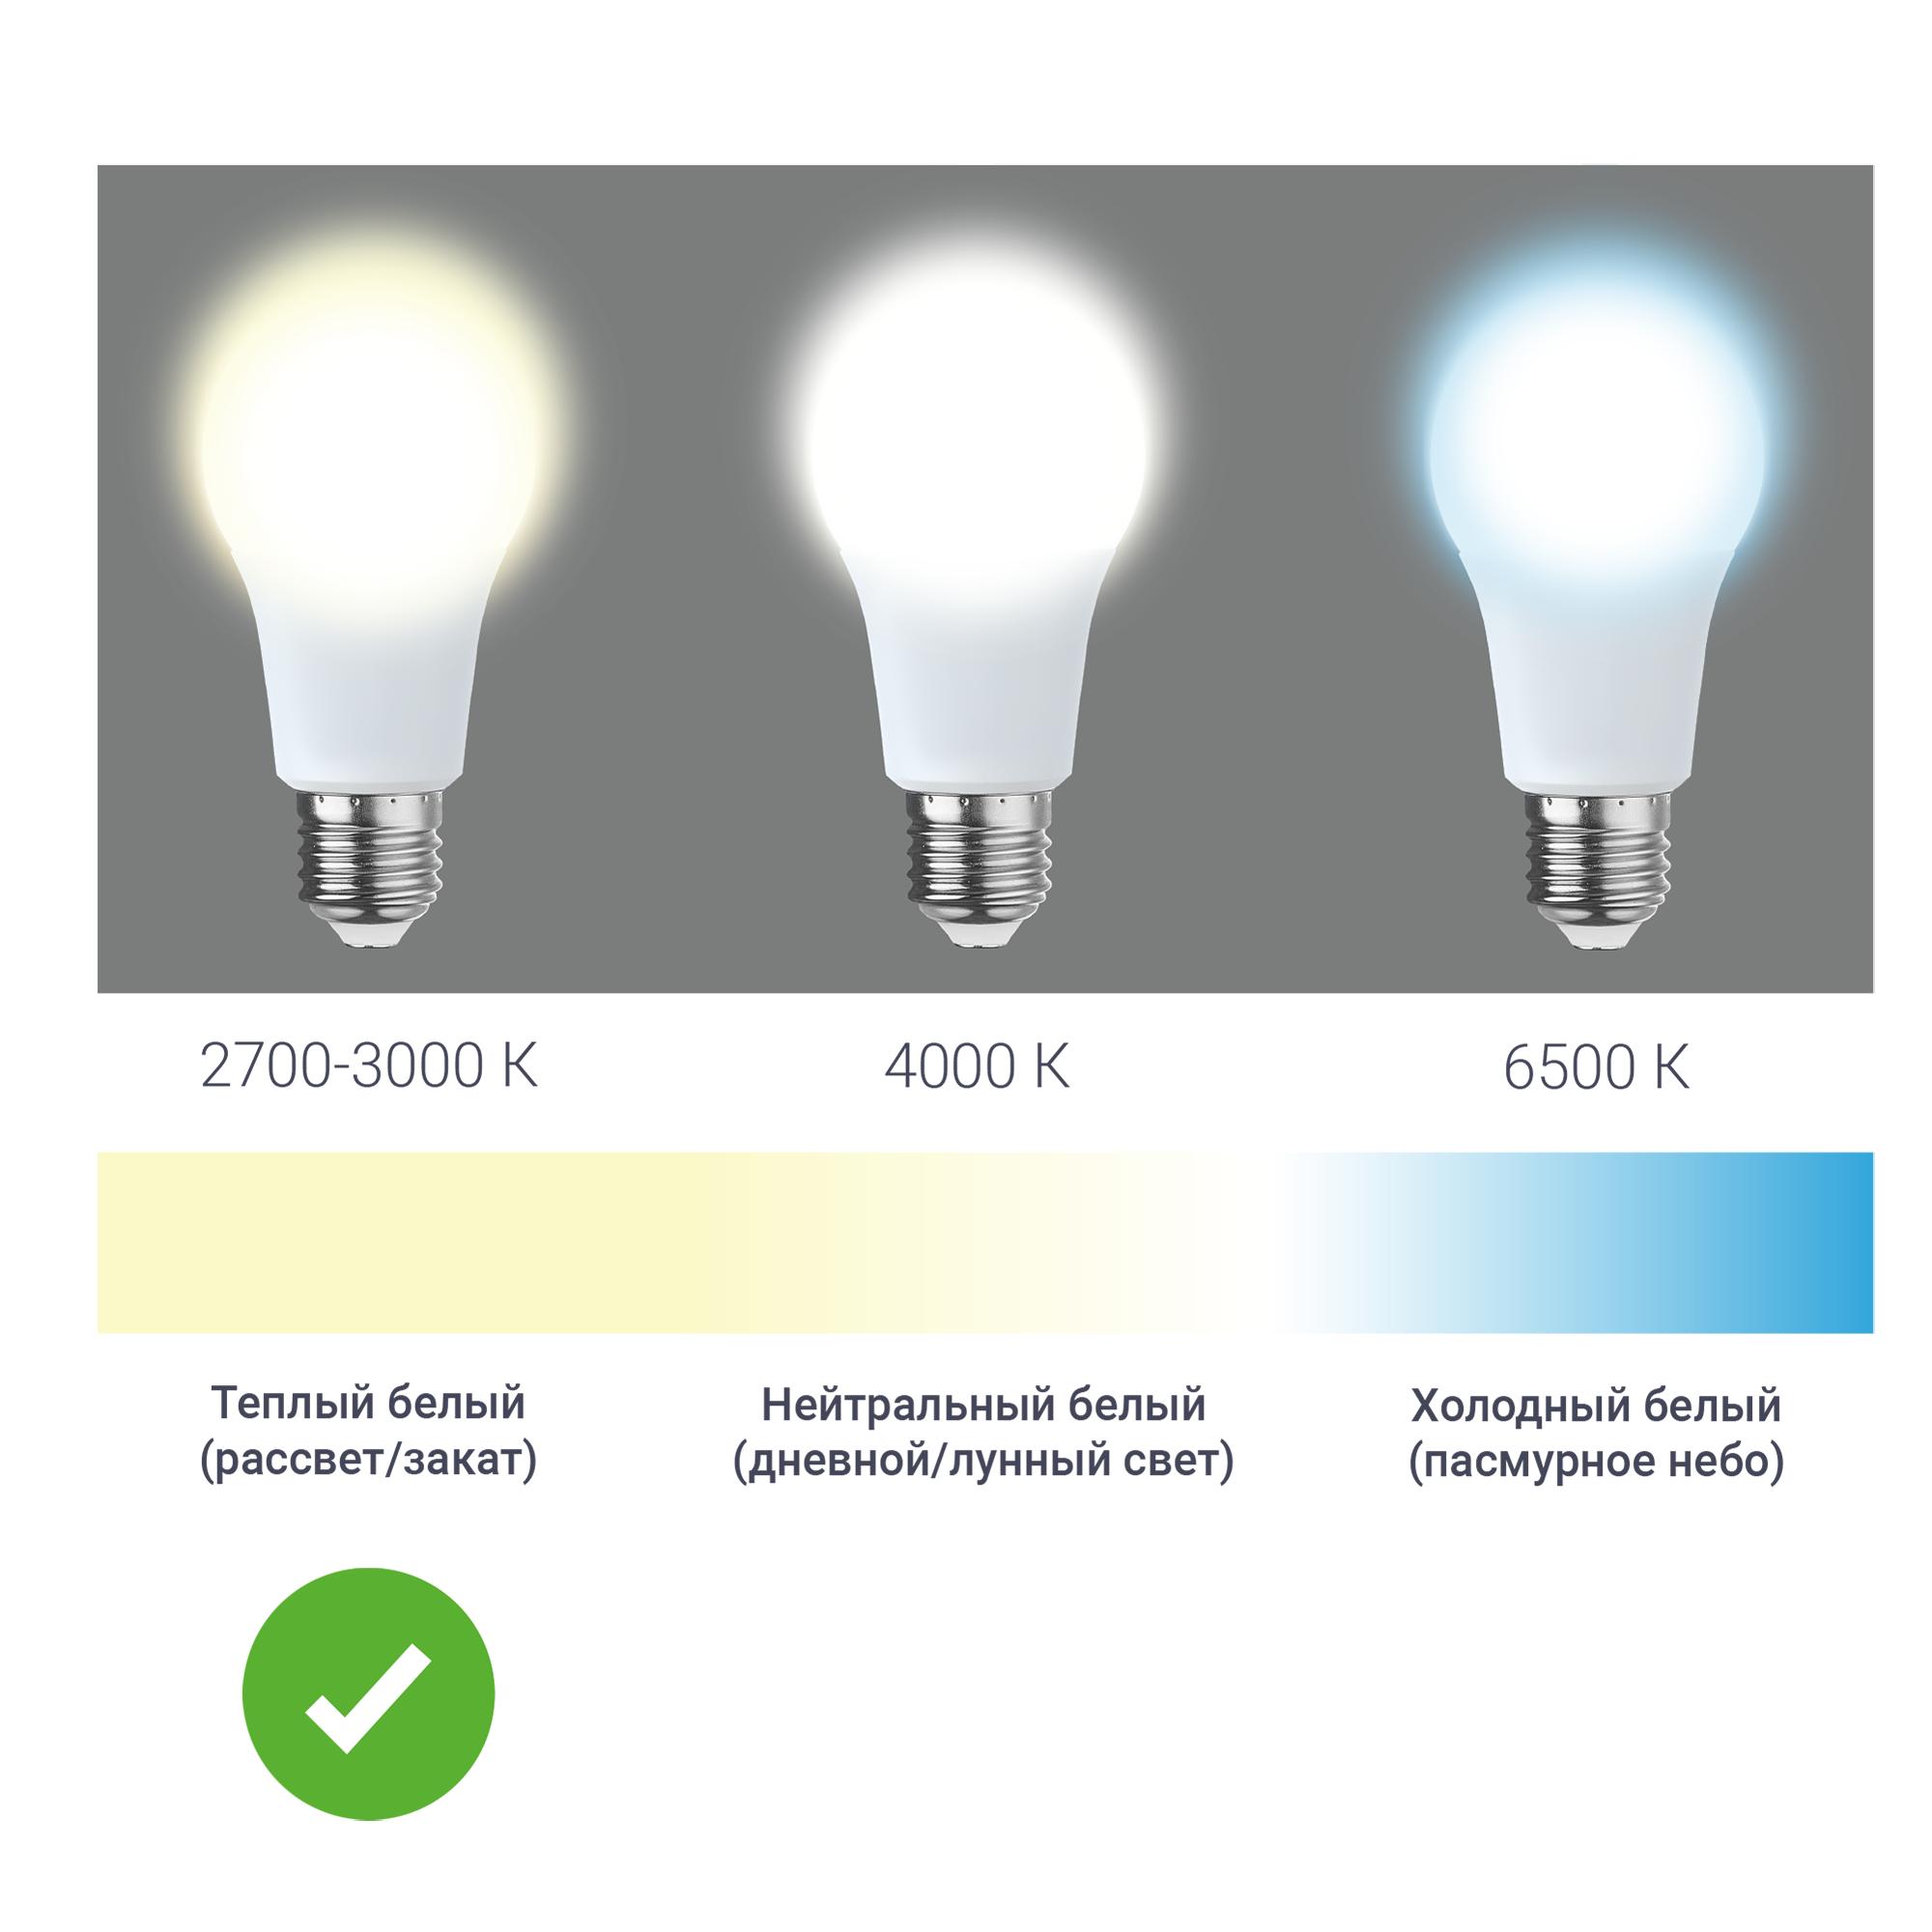 Лампа светодиодная Gauss LED Filament E14 11 Вт шар прозрачный 720 лм тёплый белый свет